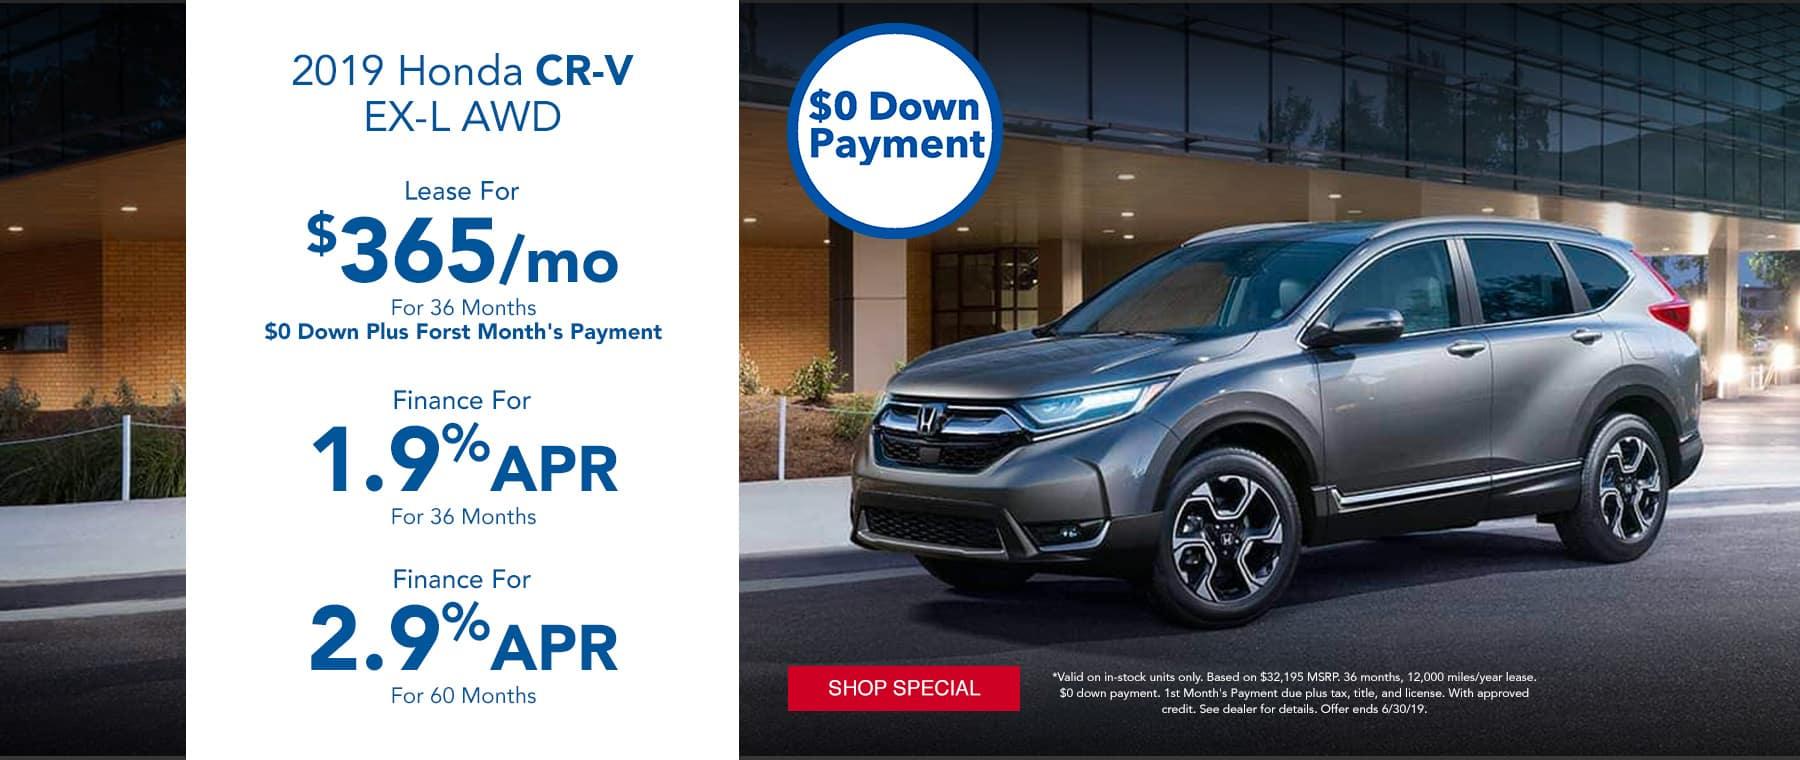 CR-V Special